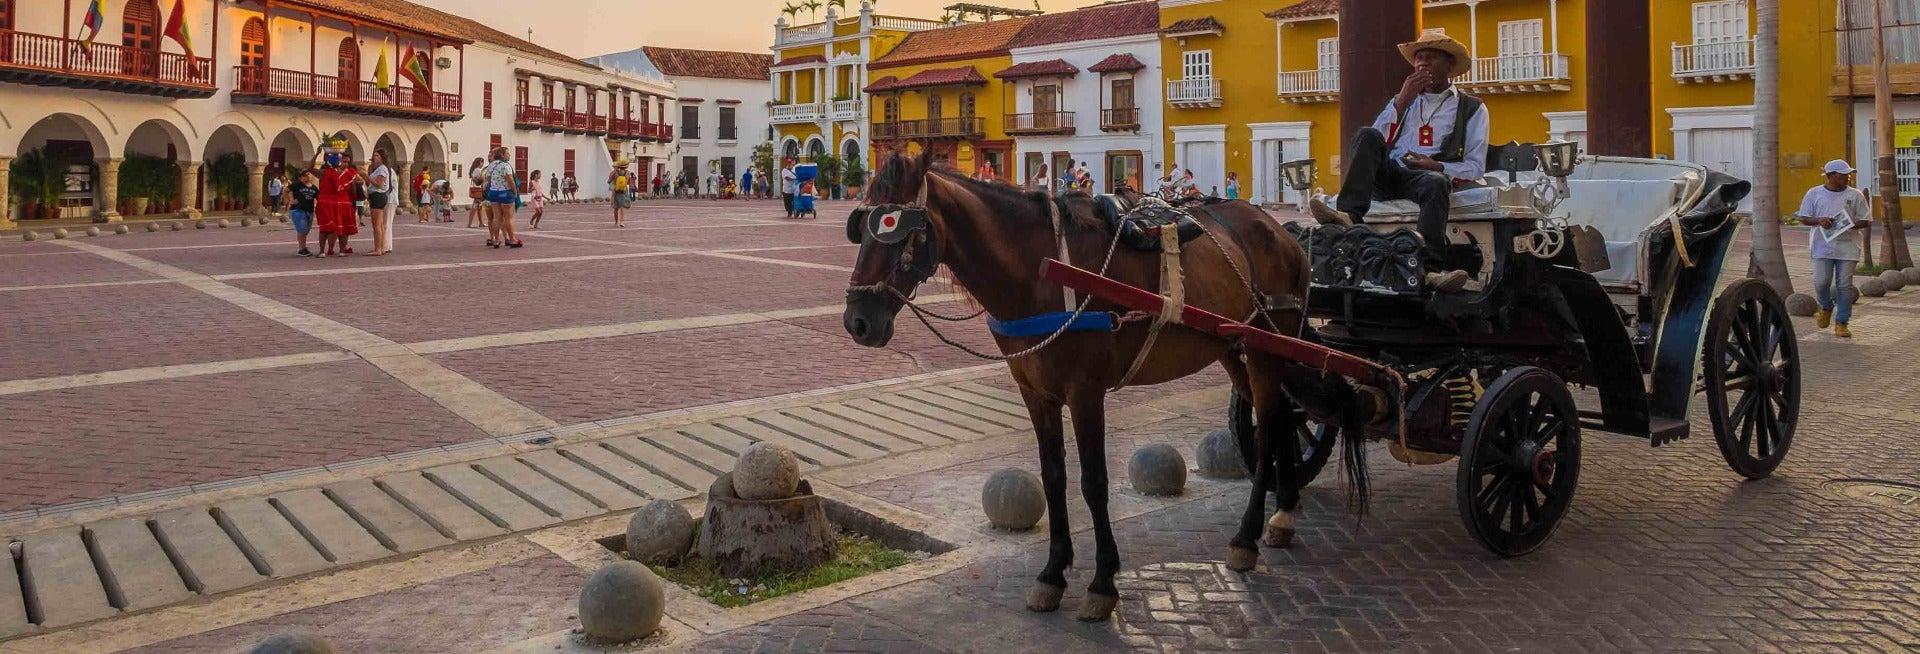 Passeio de charrete por Cartagena das Índias